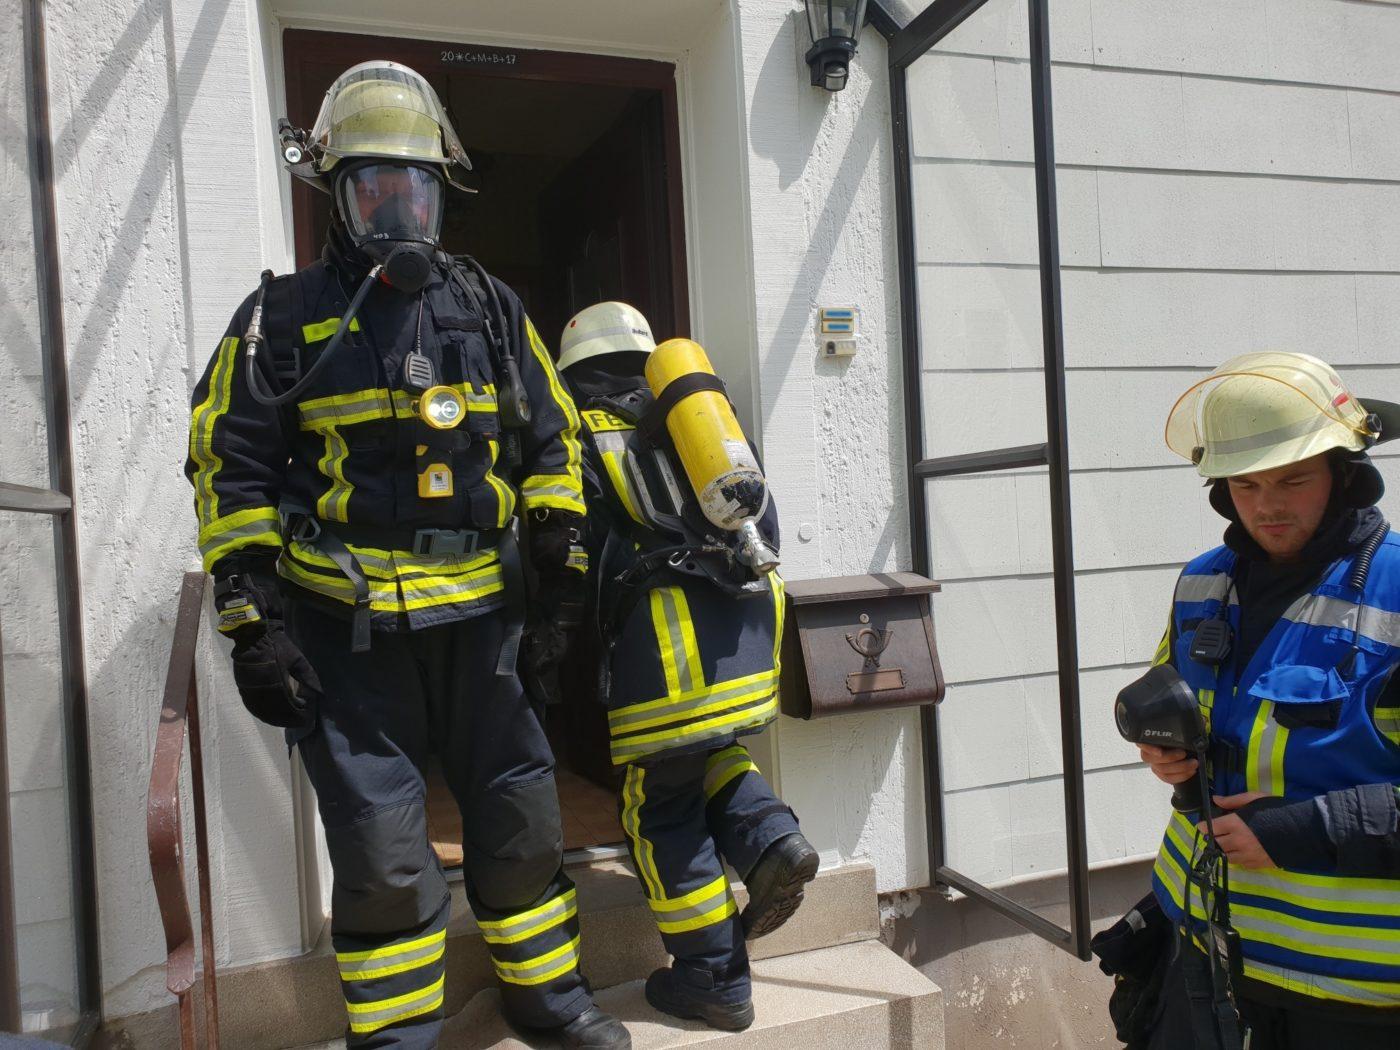 St. Ingbert: Auch am Wochenende musste die Feuerwehr ausrücken